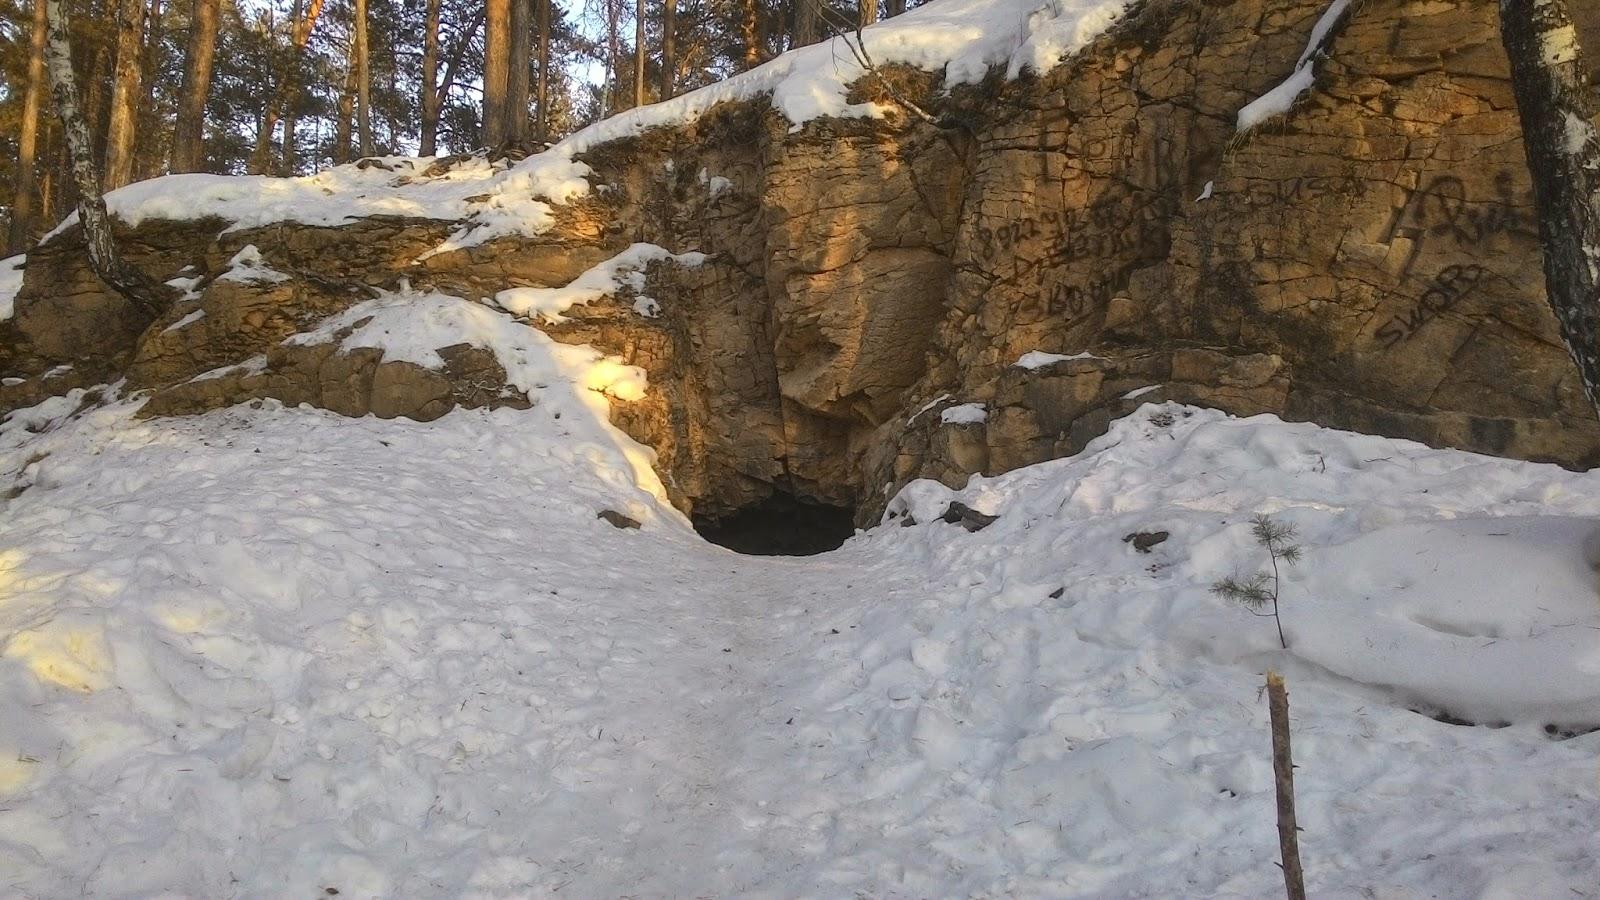 Урочище пещерки. Вторая пещерка